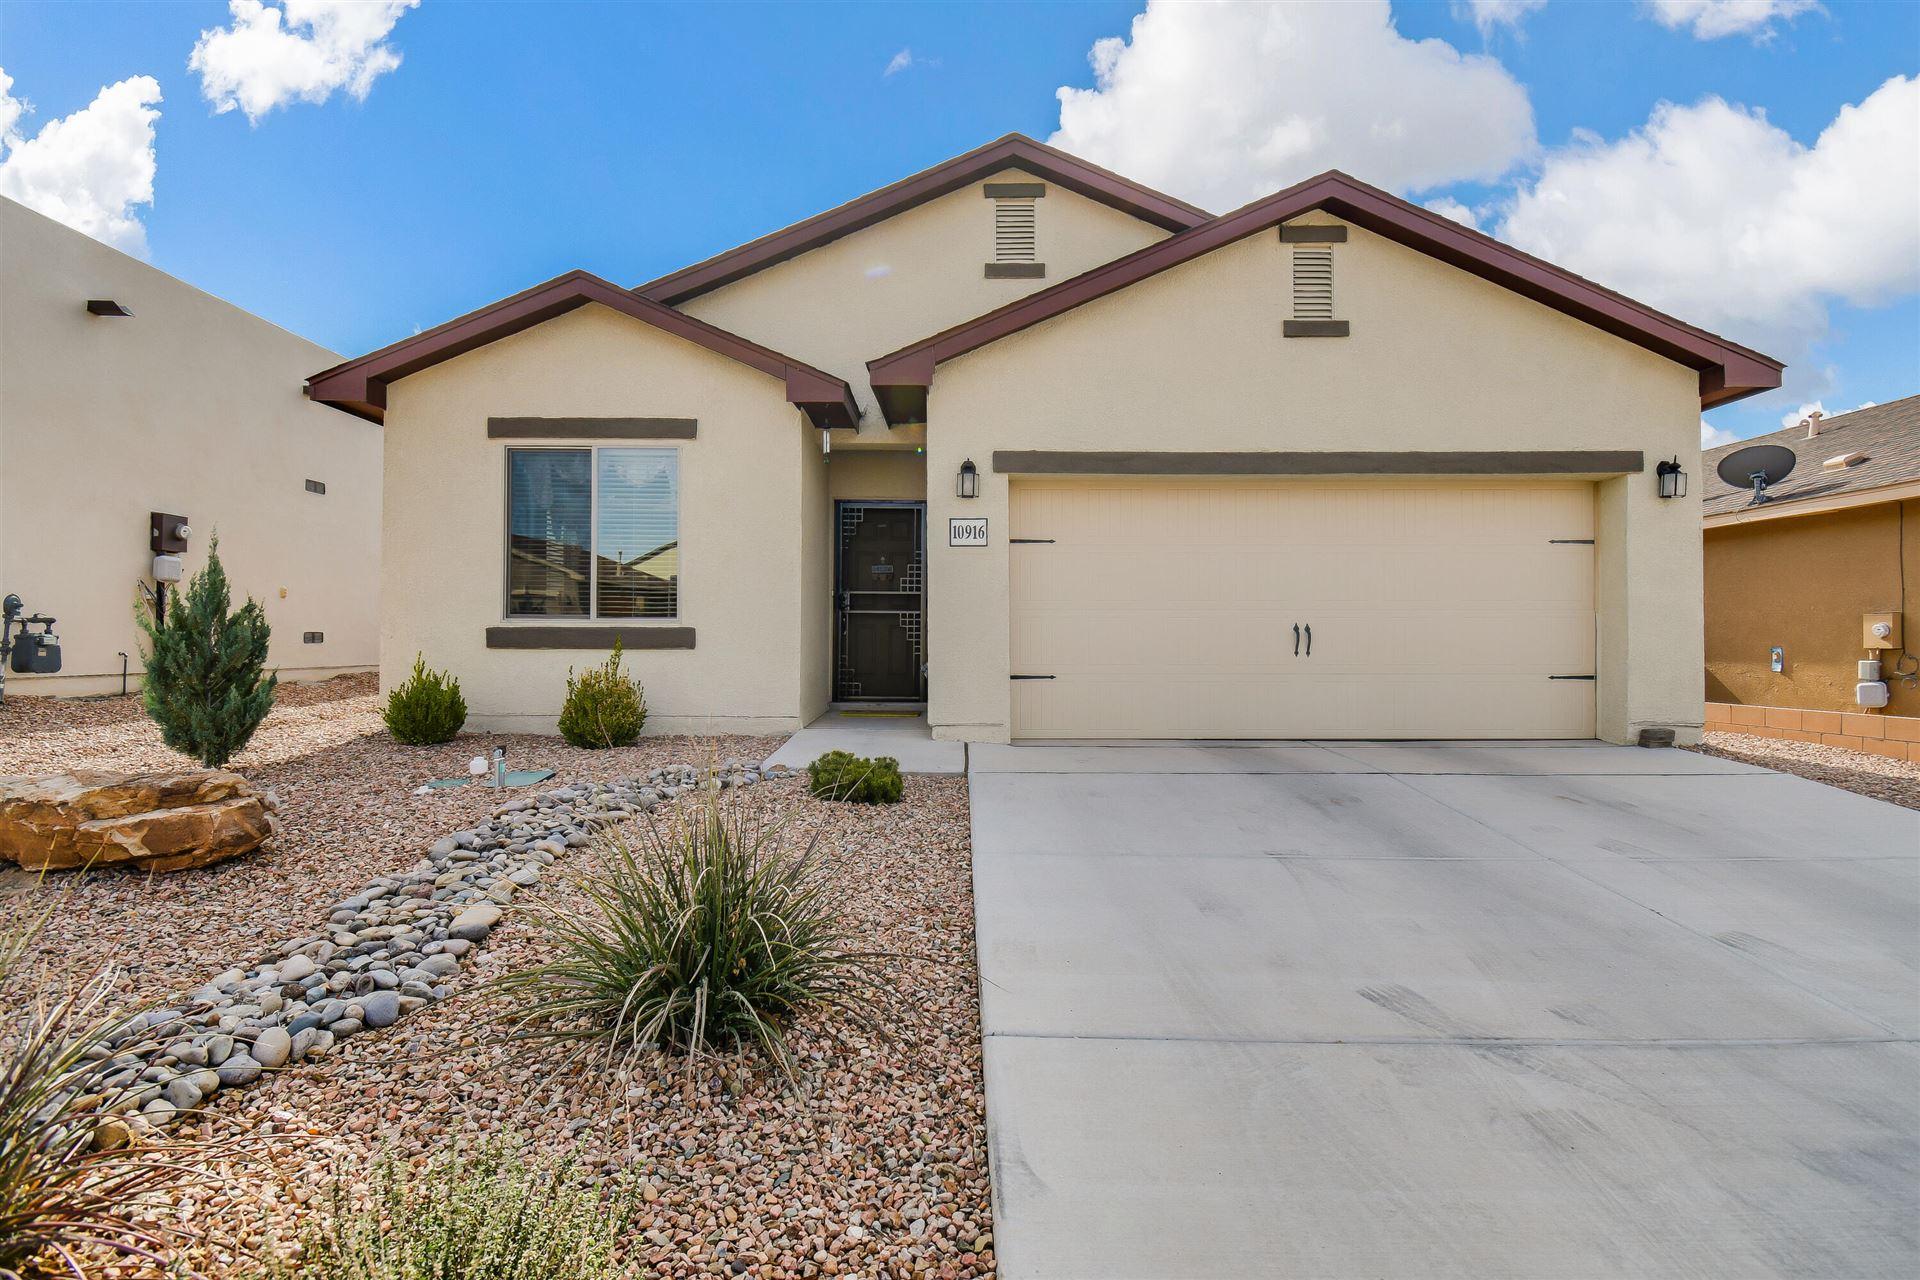 10916 TOPACIO Street NW, Albuquerque, NM 87114 - MLS#: 989811